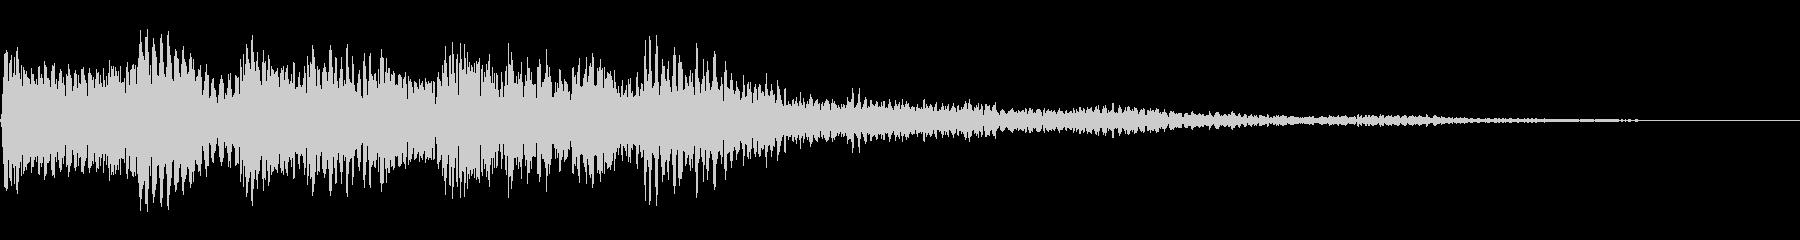 ハープ系の場面転換音 切り替え CMインの未再生の波形